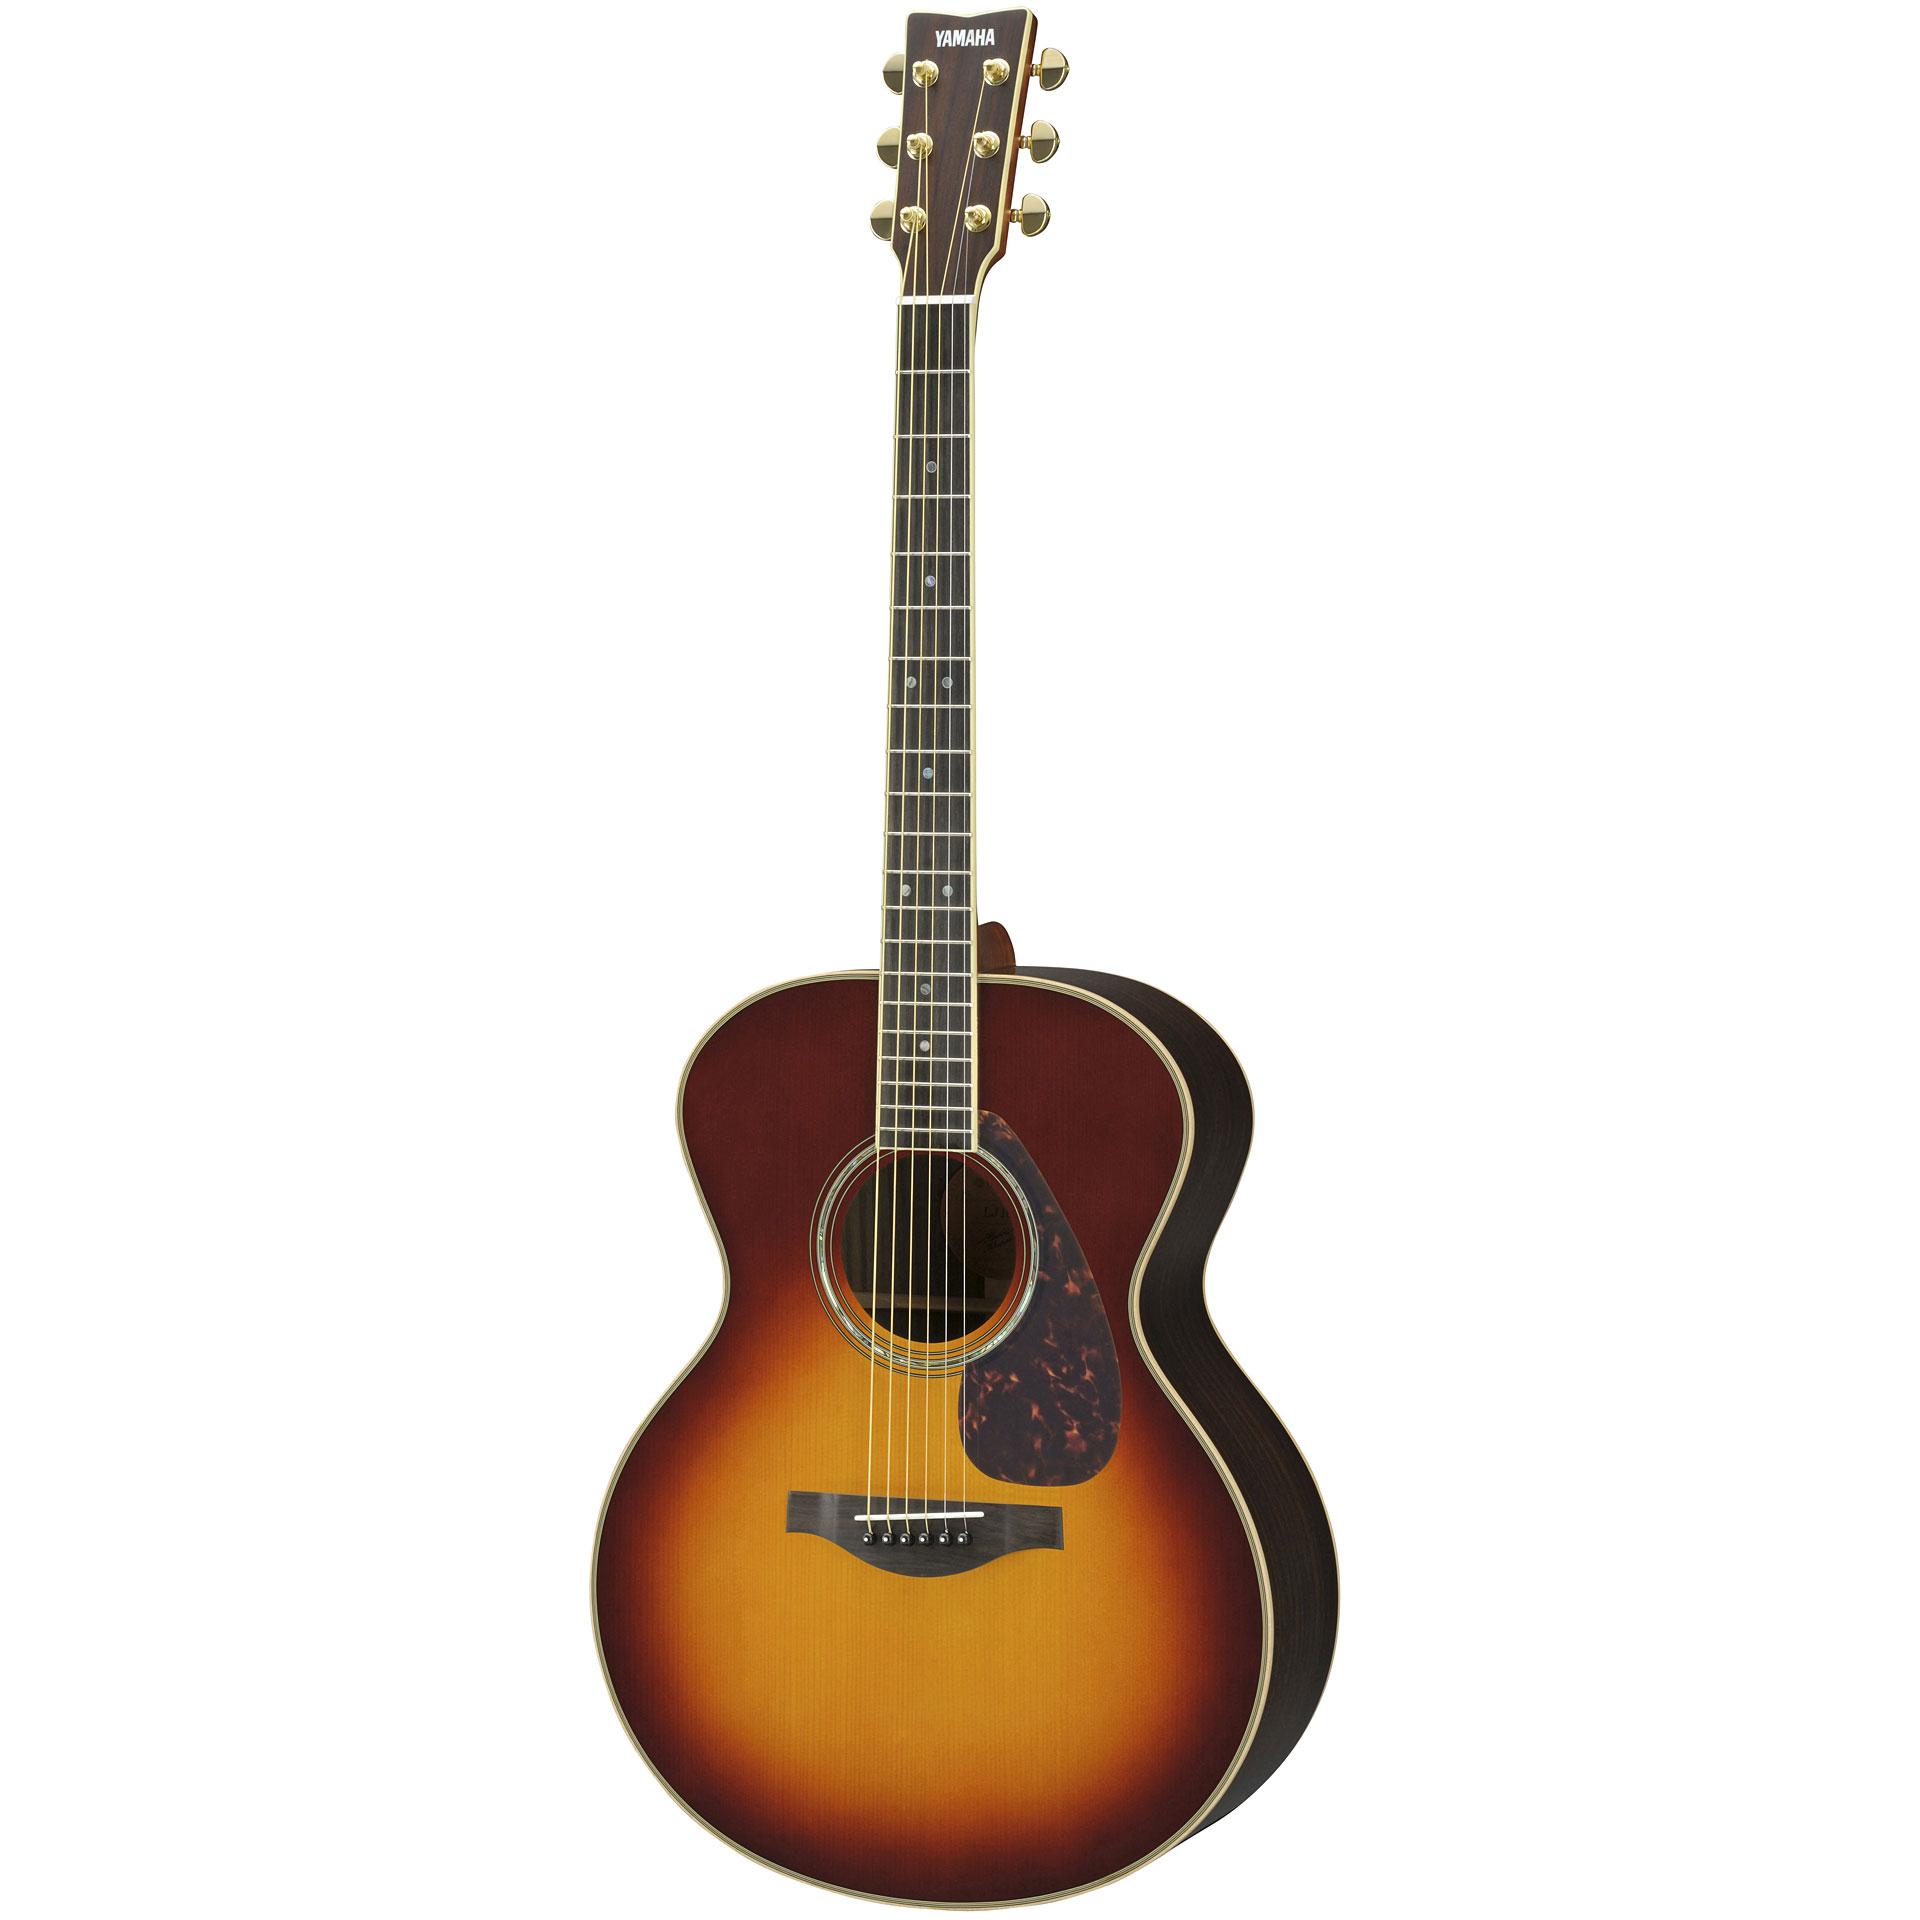 yamaha lj16 are bs guitare acoustique. Black Bedroom Furniture Sets. Home Design Ideas